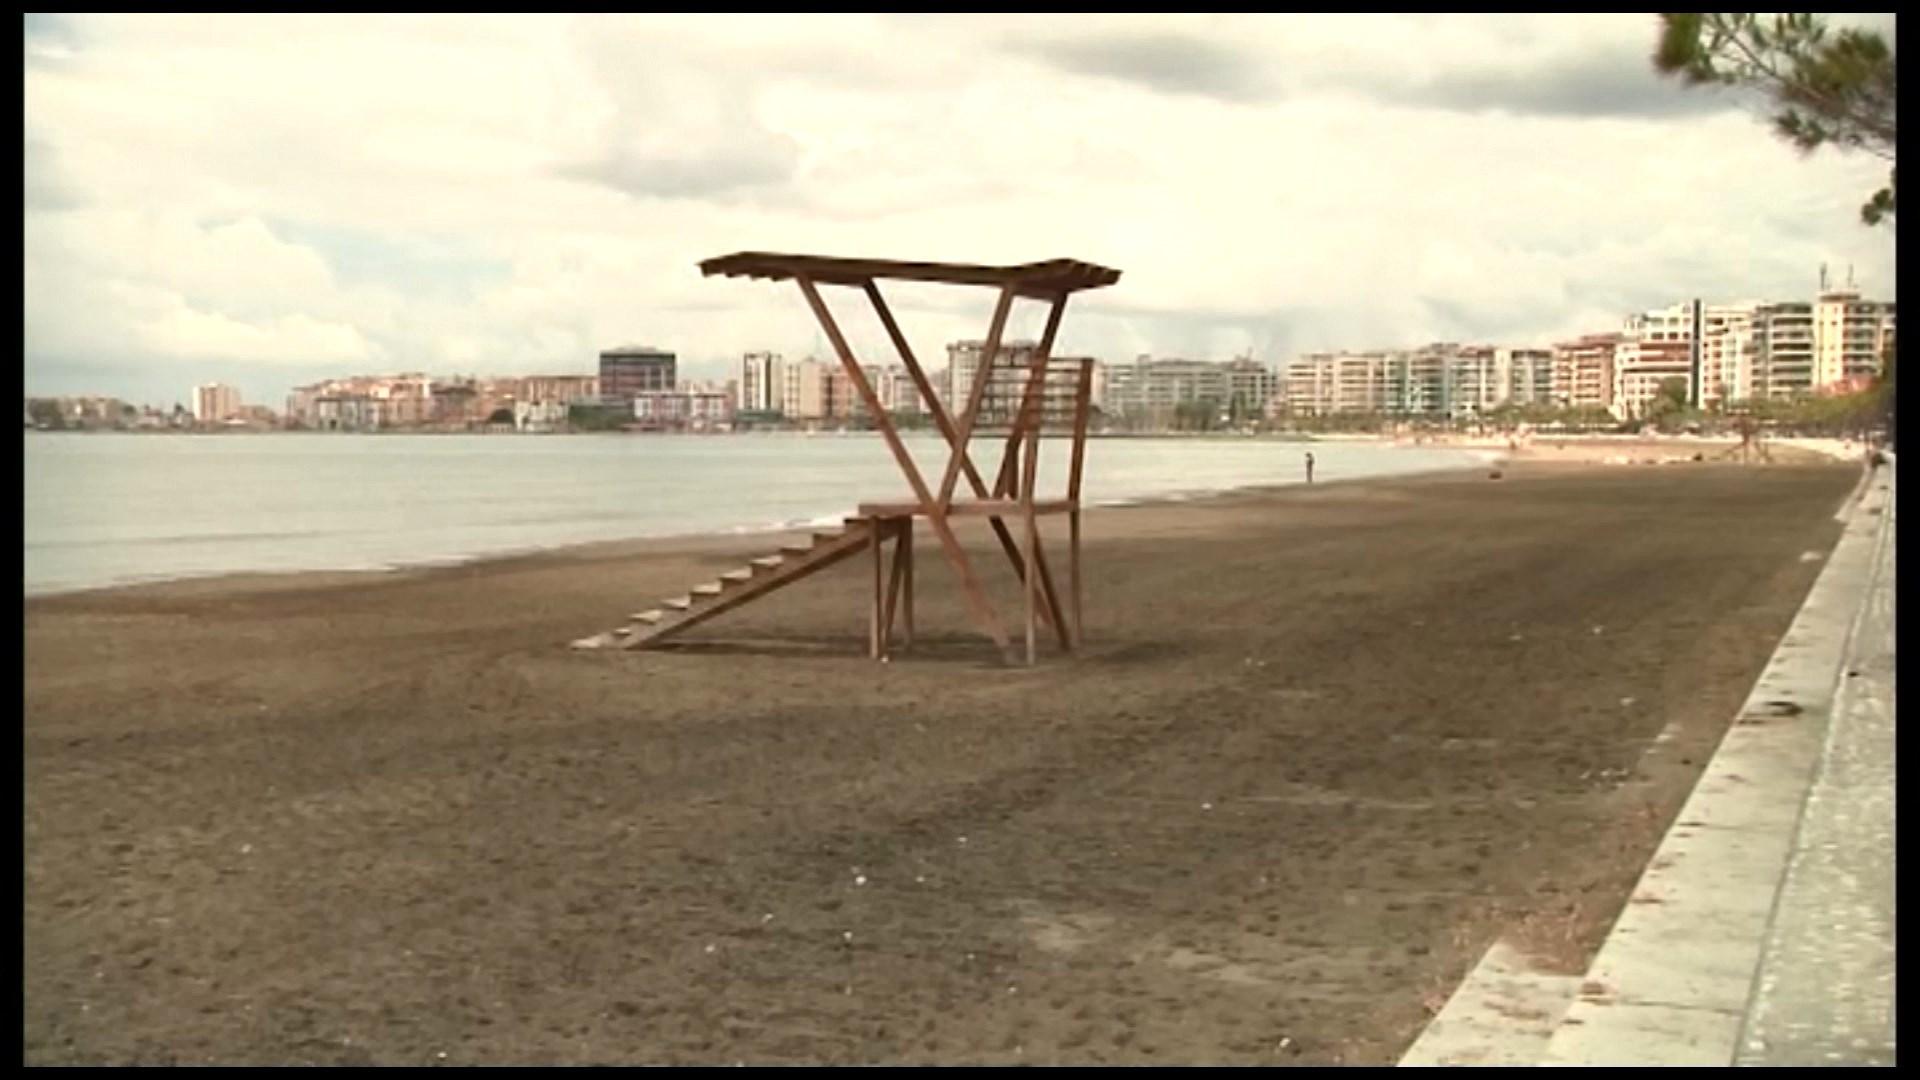 Moti i paqëndrueshëm largon pushuesit nga plazhi i Durrësit e Vlorës